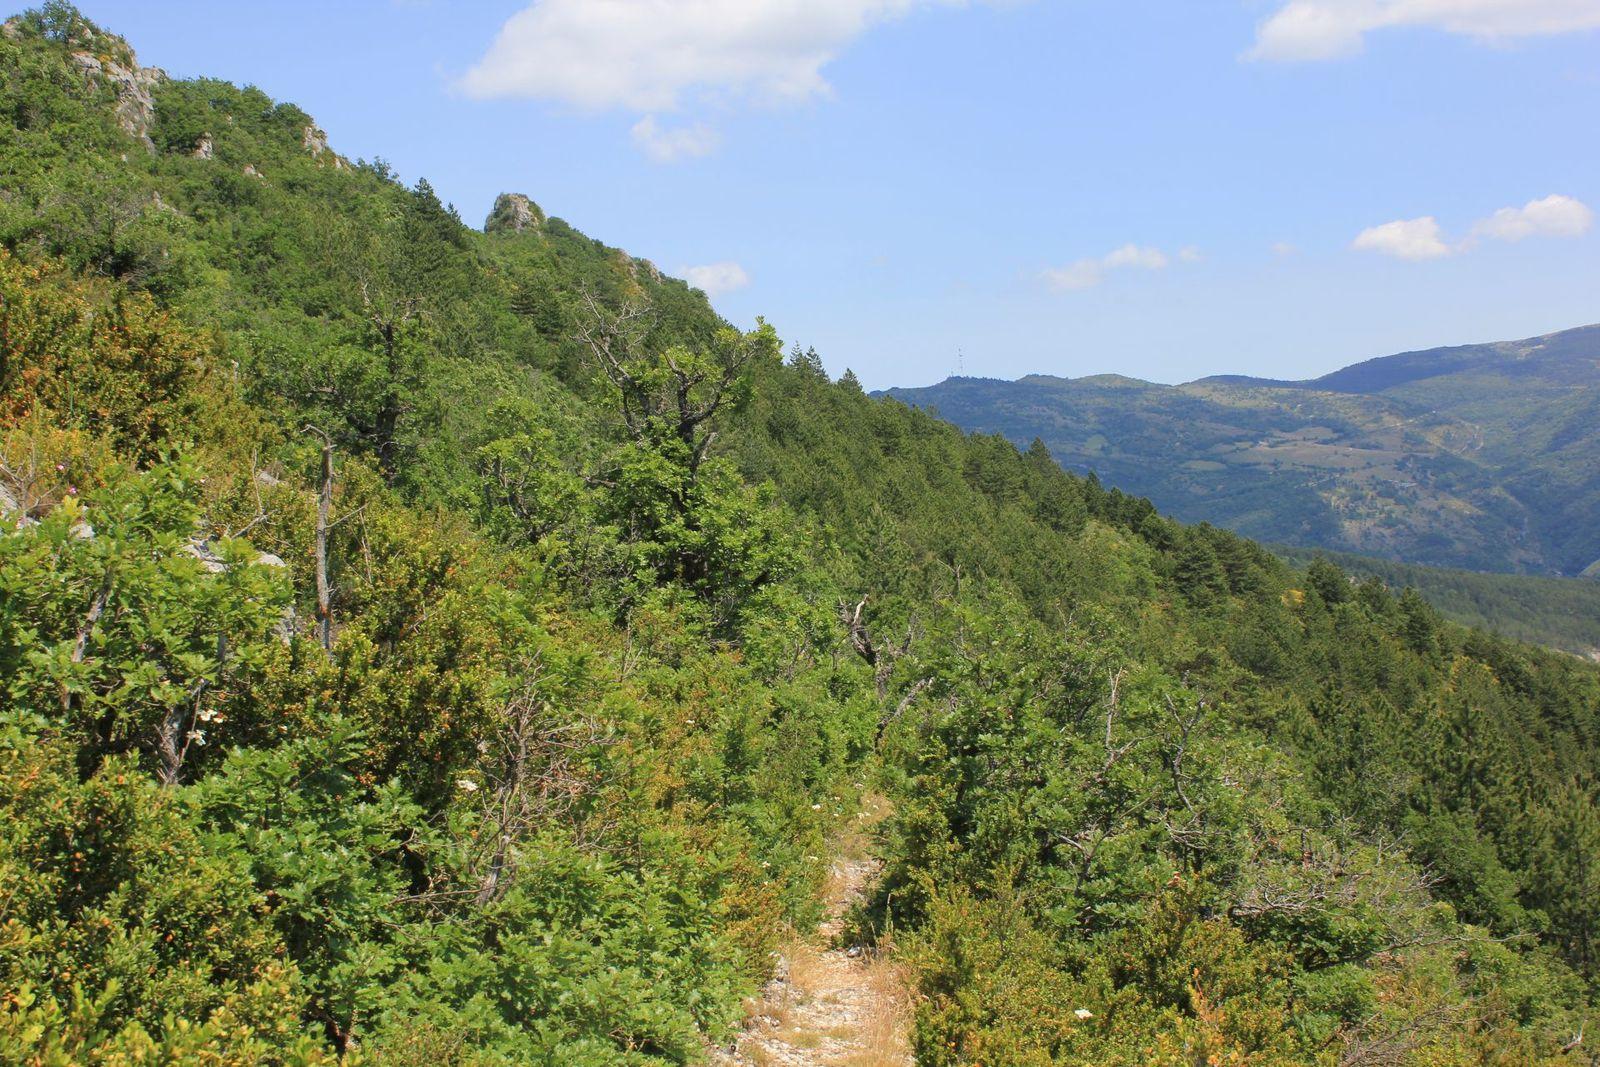 1) Rimon vu des Pas des Blaches  2) Pennes le Sec ? ah oui ça fait loin...  3) Le chemin qui redescend sur Pennes  4) Le panorama au sud du pas  5) Les Blaches vus de la route du Col de Pennes.